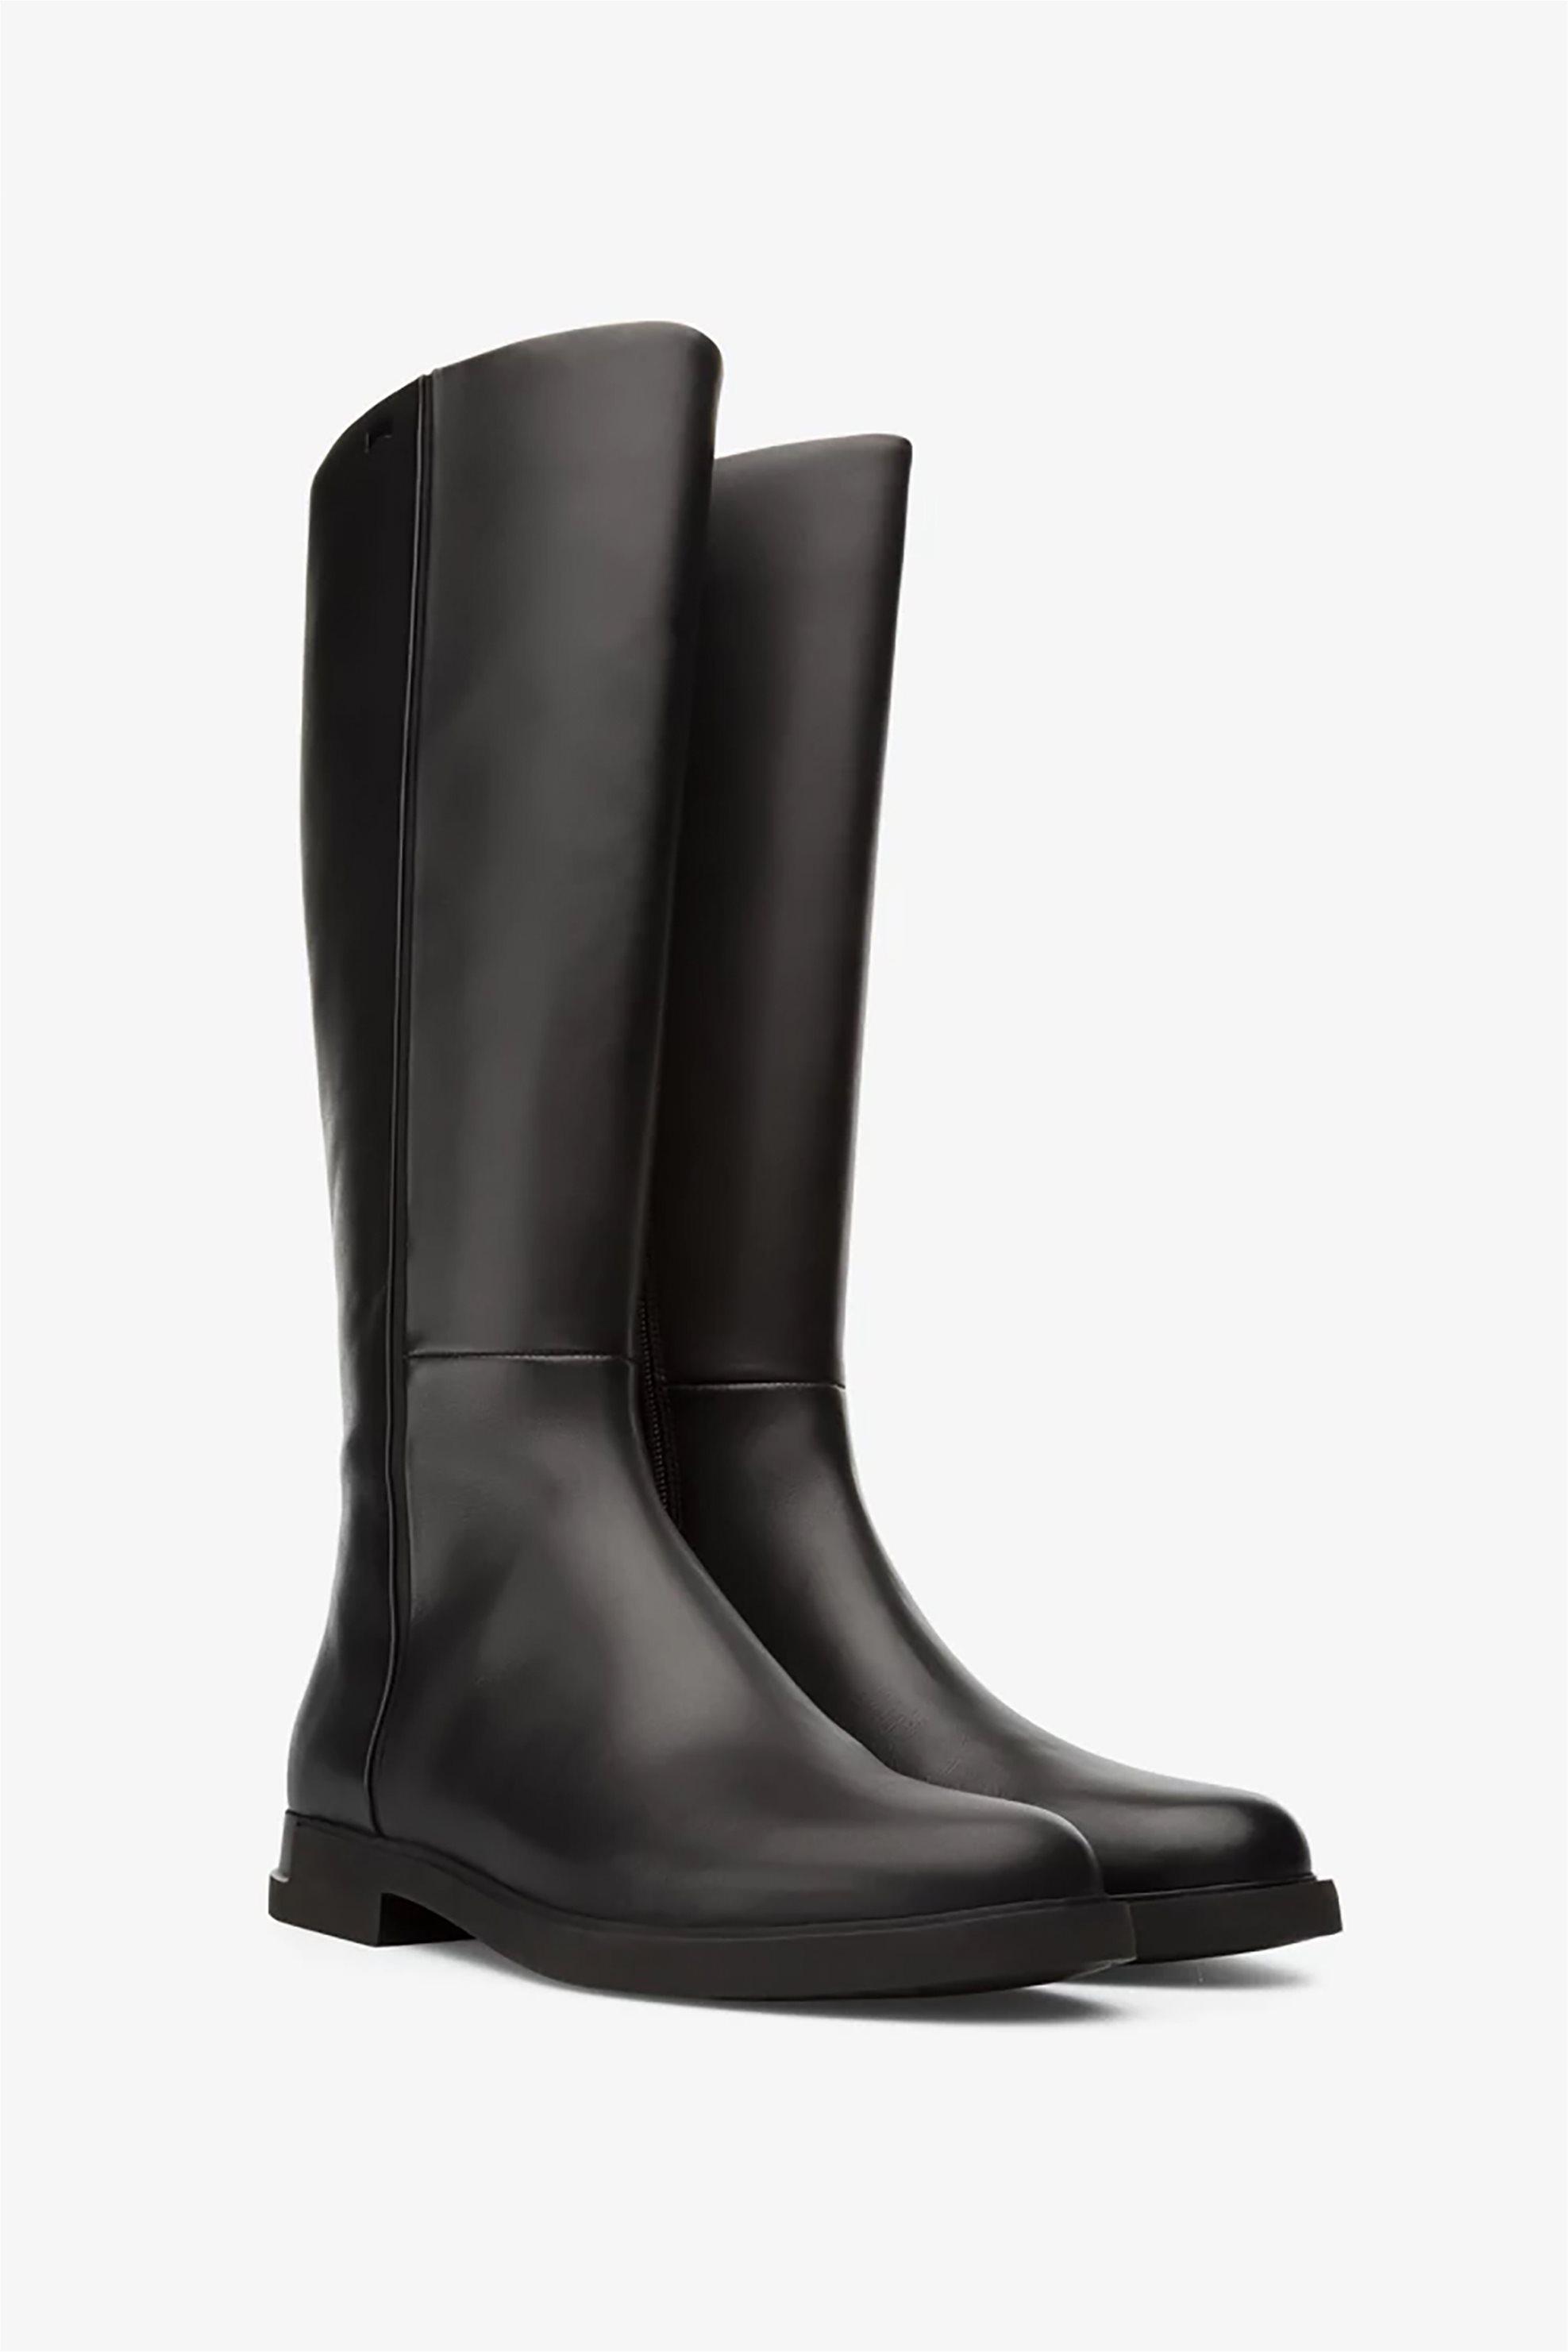 Camper γυναικείες δερμάτινες μπότες ως το γόνατο «Iman» – K400302-004 – Μαύρο